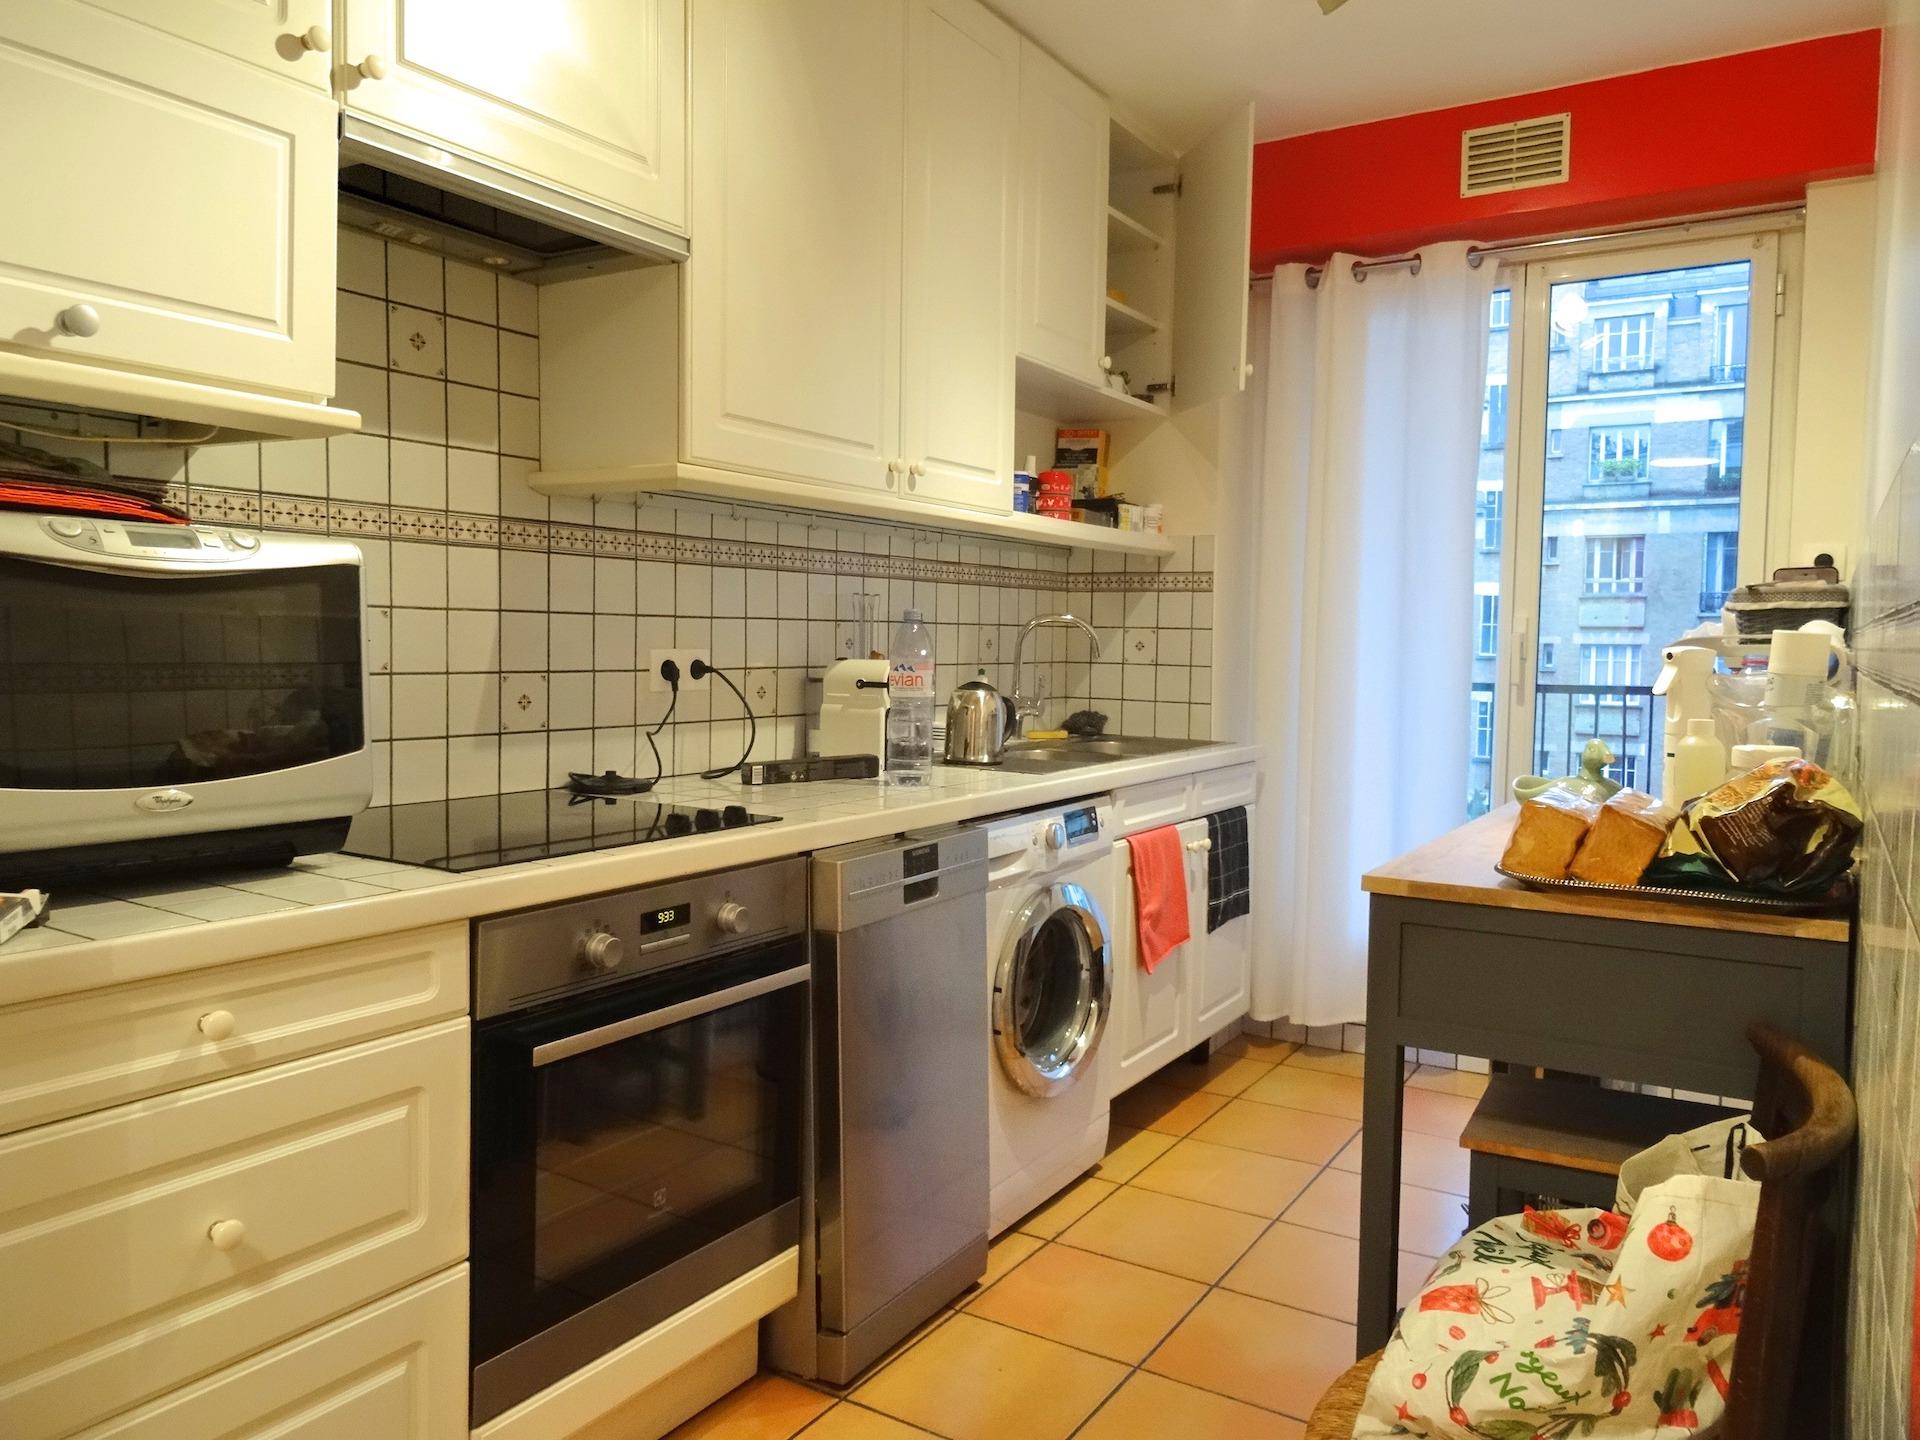 4.cuisine-a-vendre-paris-16-la-clef-des-villes-agence-immobiliere-off-market